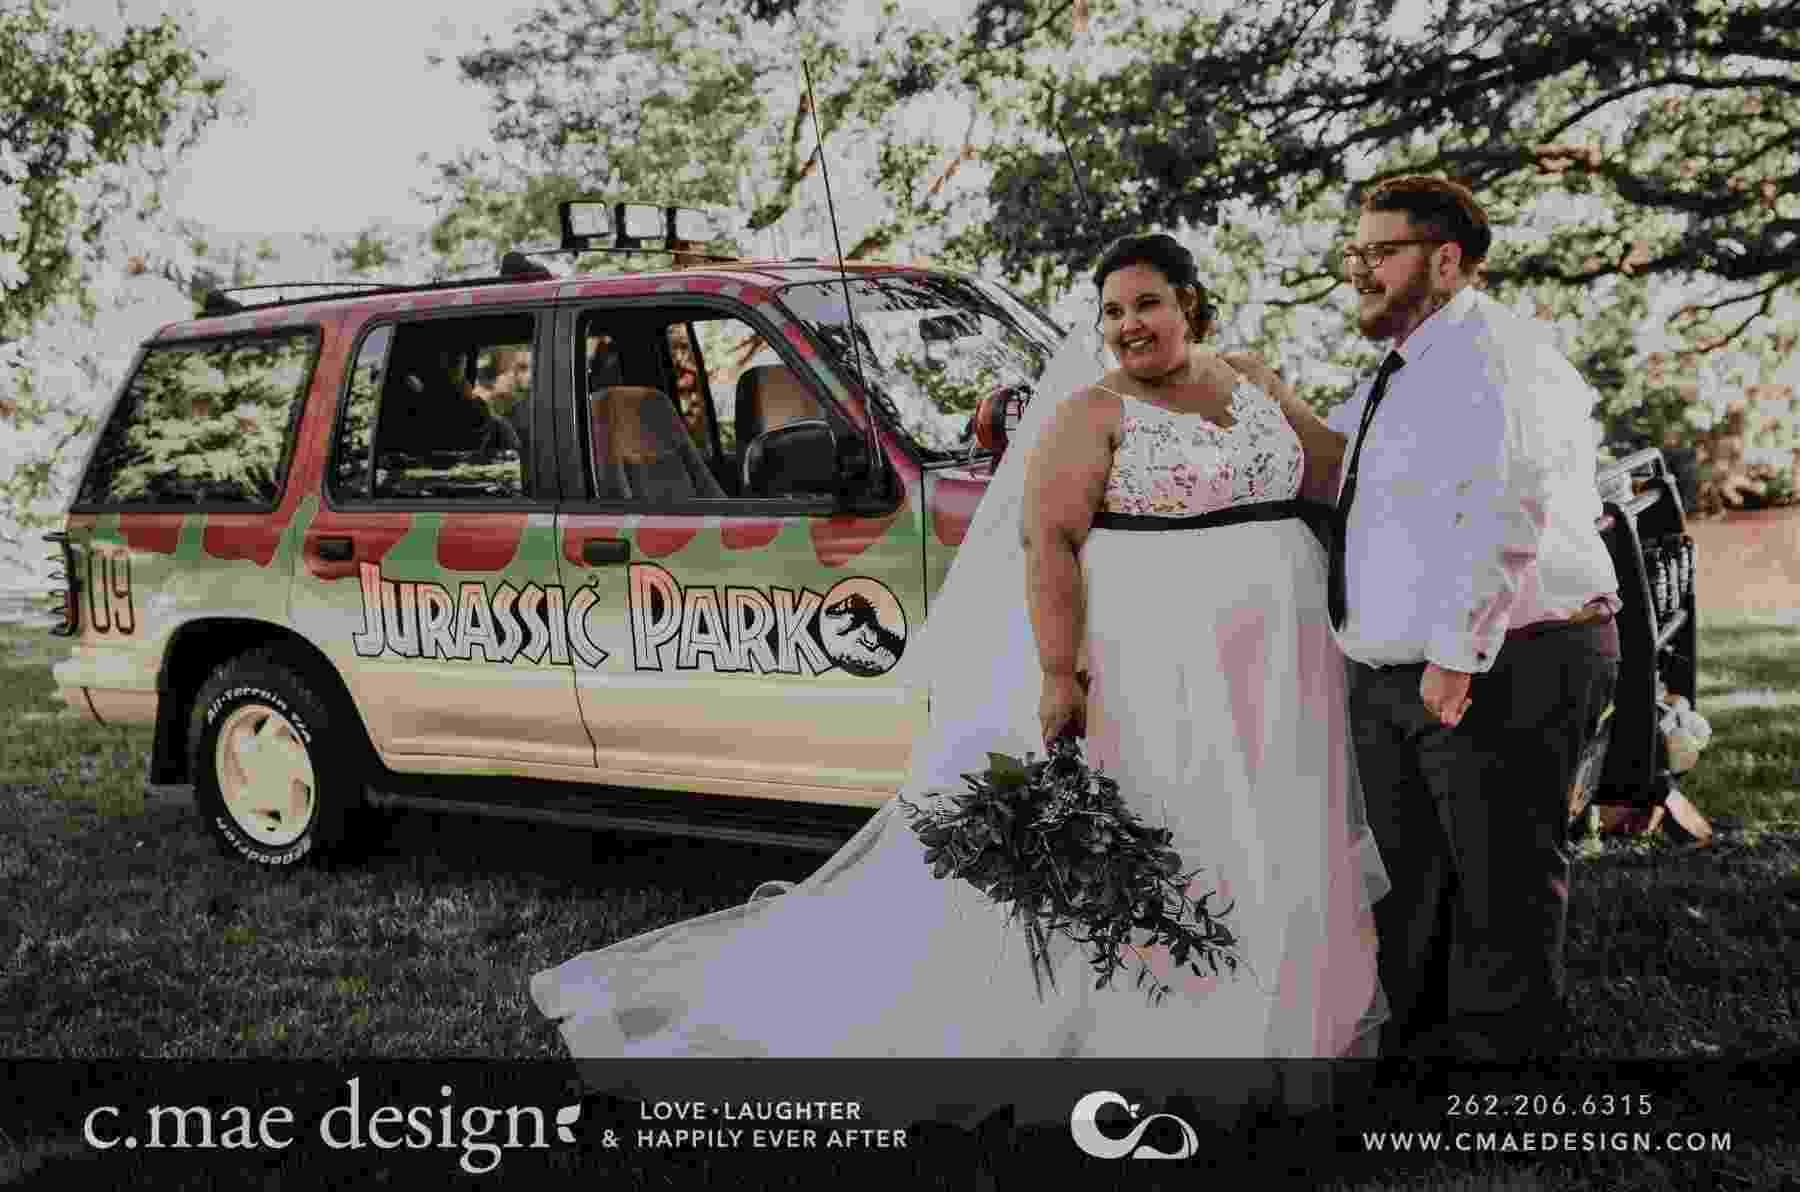 """Veja mais imagens do casamento inspirado pelo filme """"Jurassic Park"""" - Reprodução/Facebook C.Mae Design LLC"""